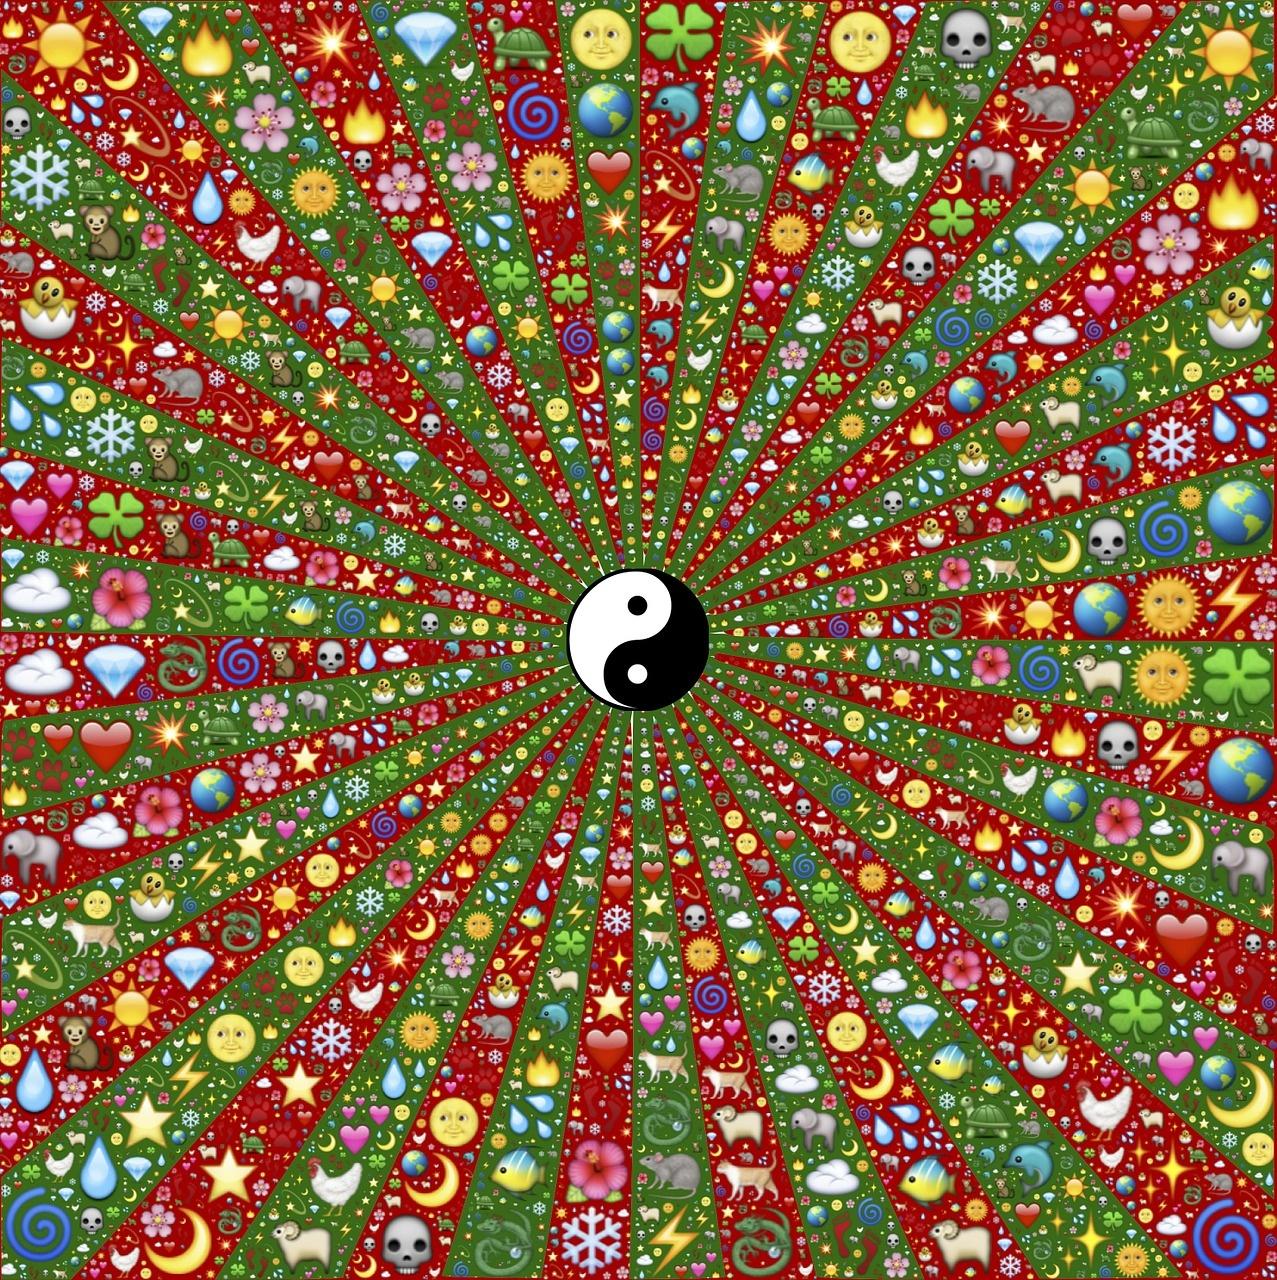 Tagesimpuls Mantra, Dienstag, 20.07.2021 Portaltag Yin/Yang/bedingungslose Liebe